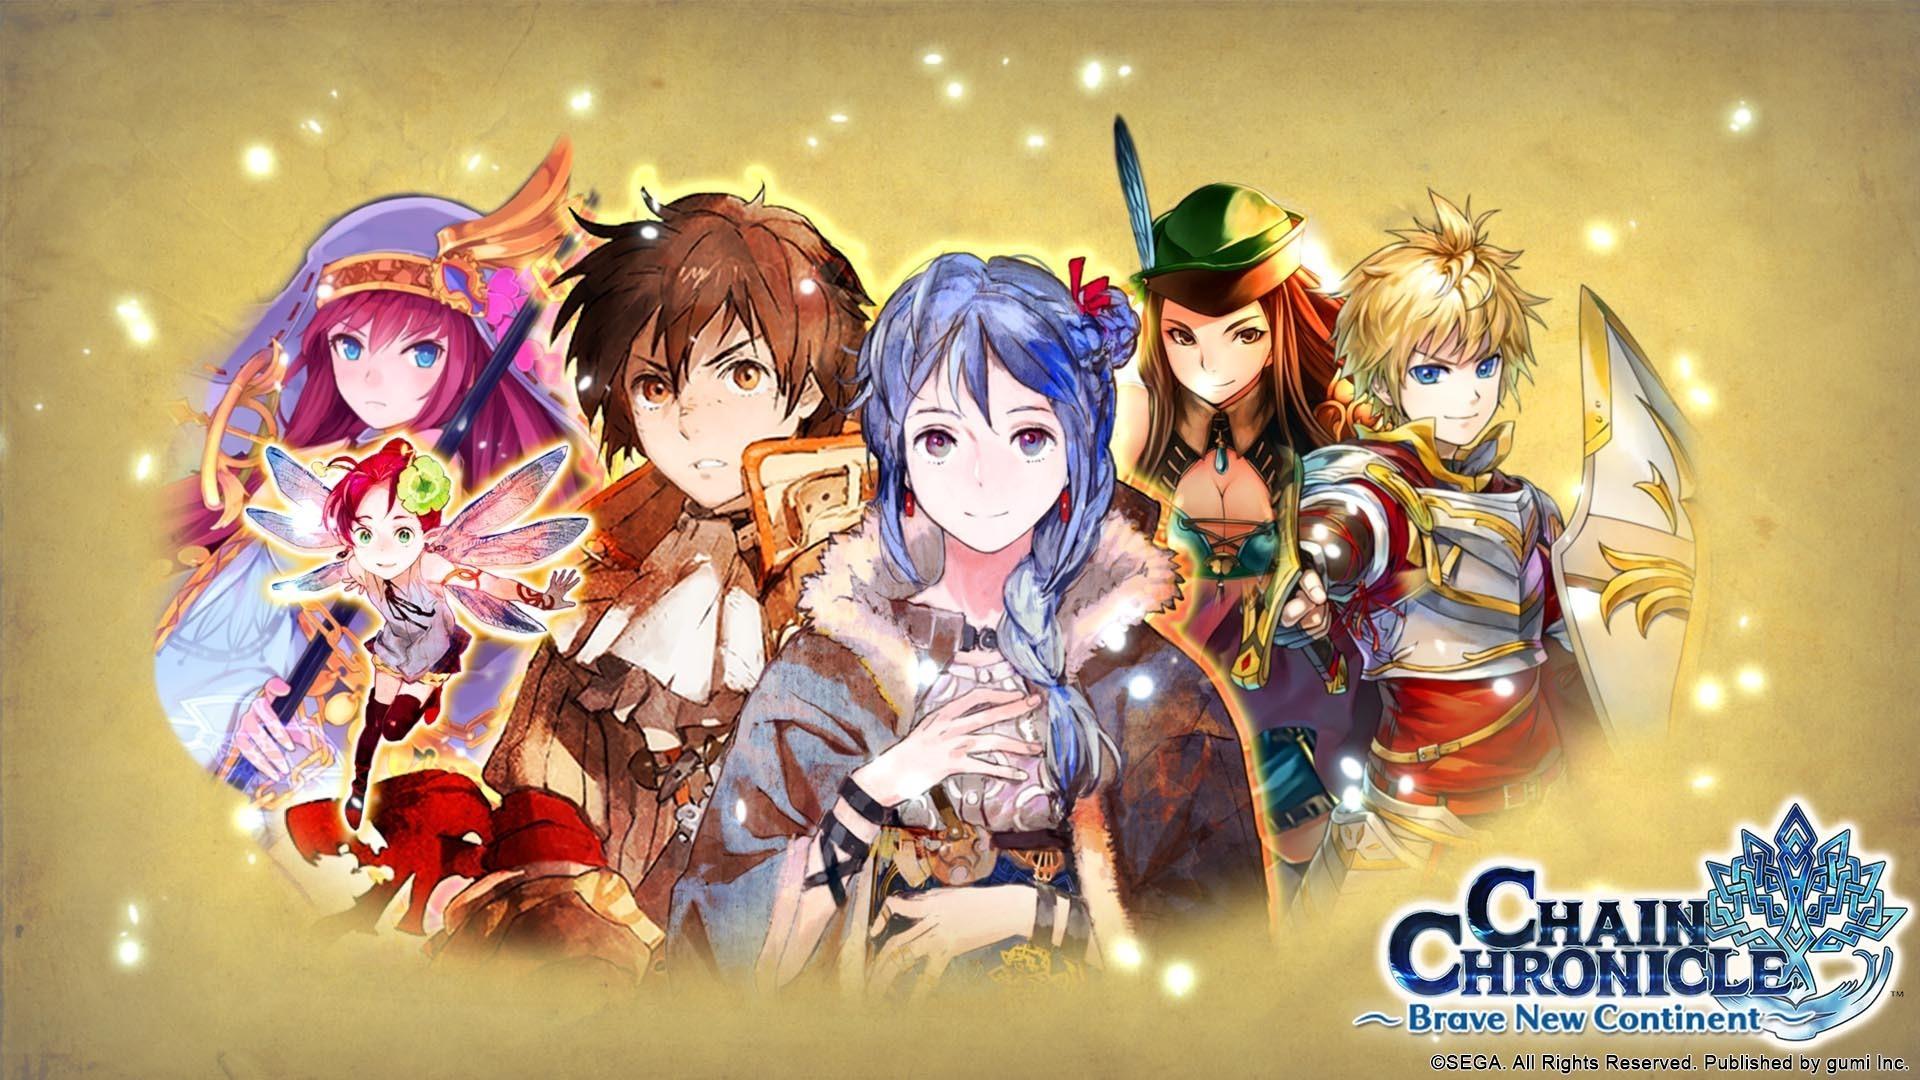 Chain Chronicle Anime